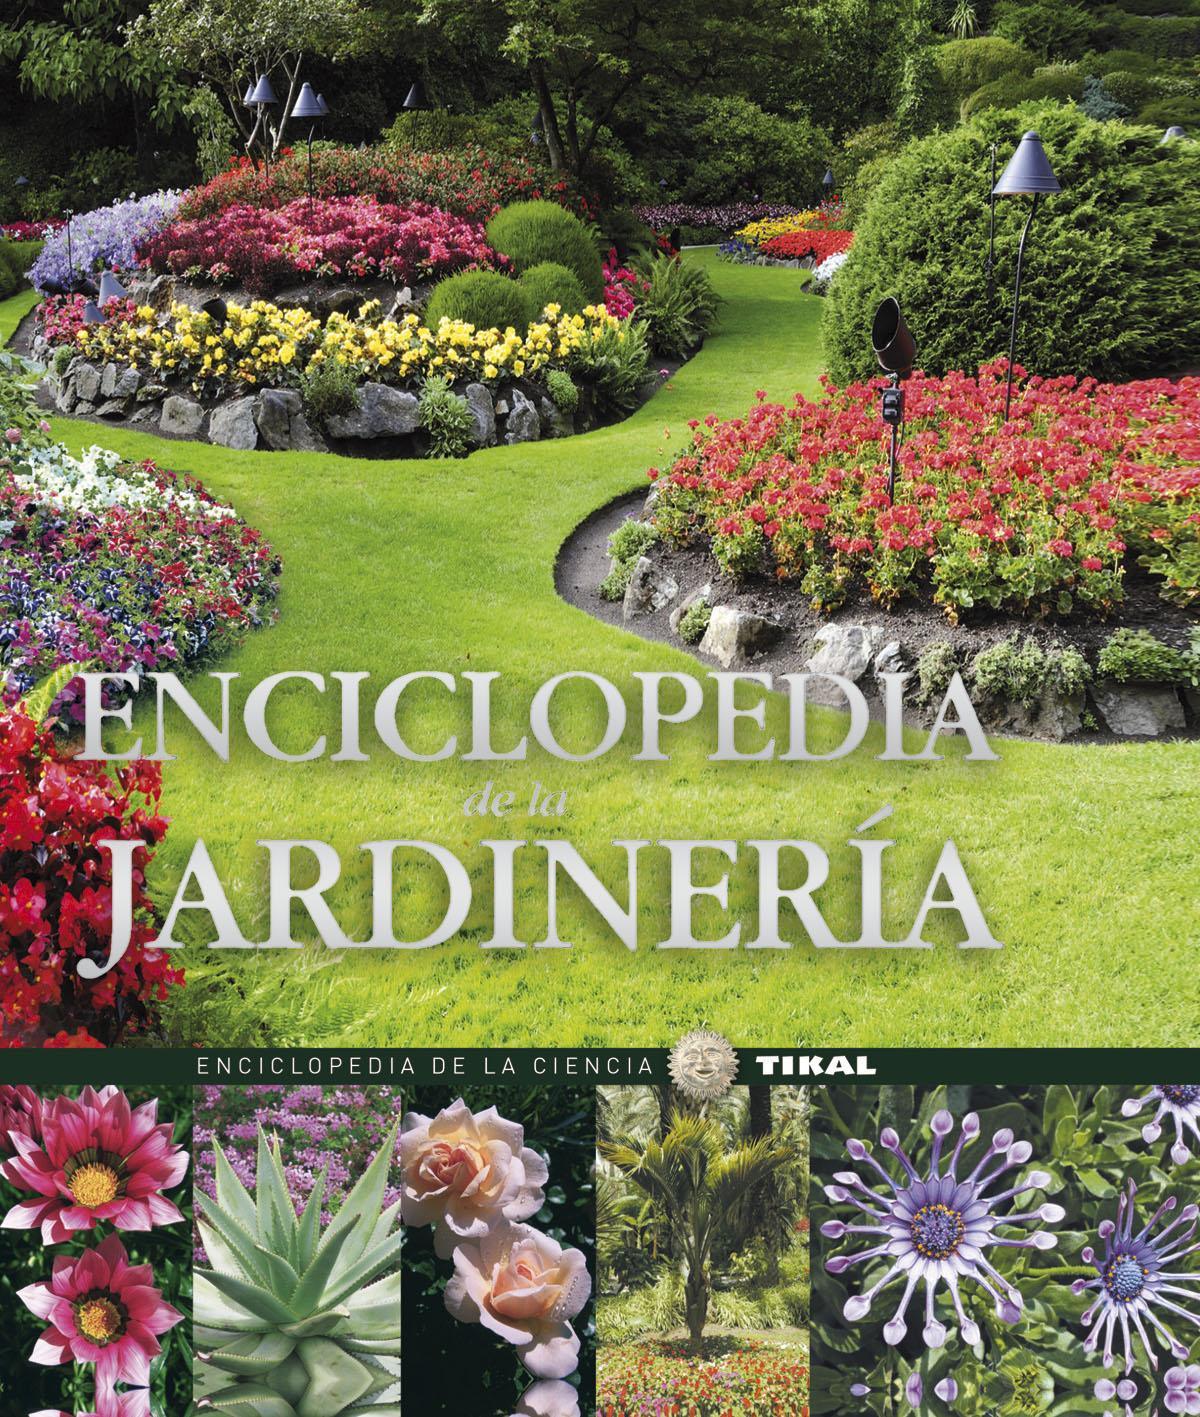 Enciclopedia de la jardineria vv aa comprar libro - Libros sobre jardineria ...